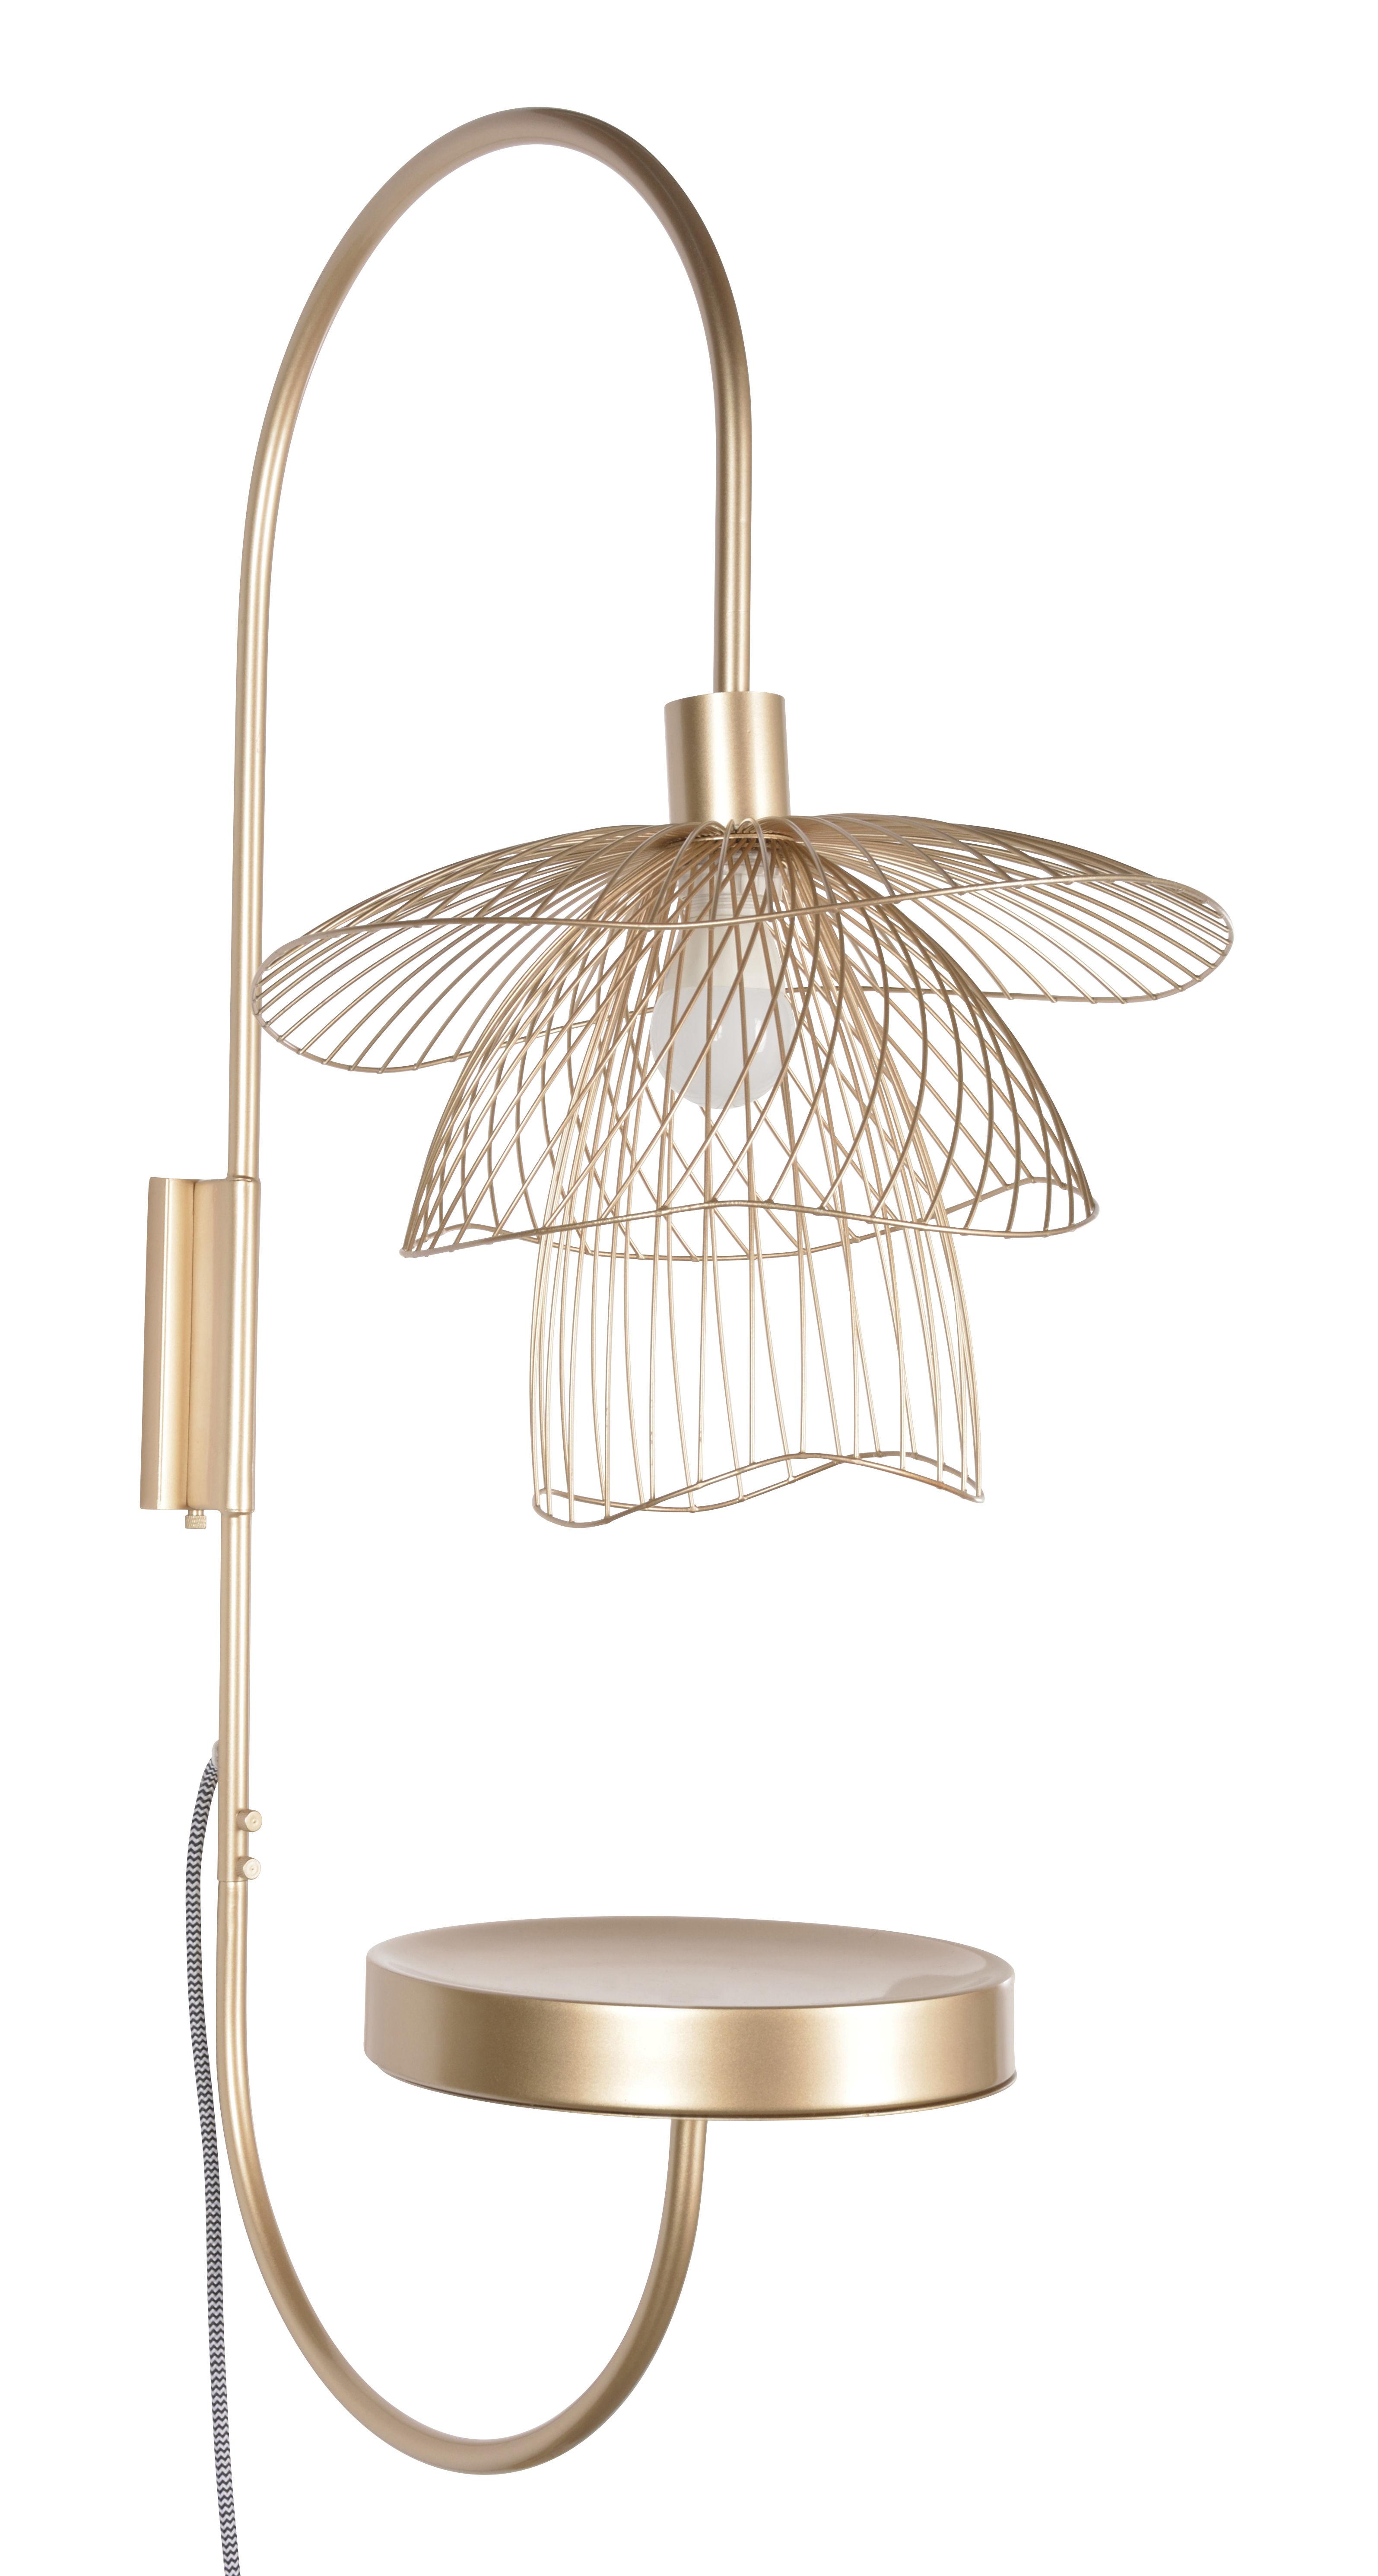 Illuminazione - Lampade da parete - Applique con presa Papillon - / H 75 cm - Piano di Forestier - Champagne - Acciaio termolaccato